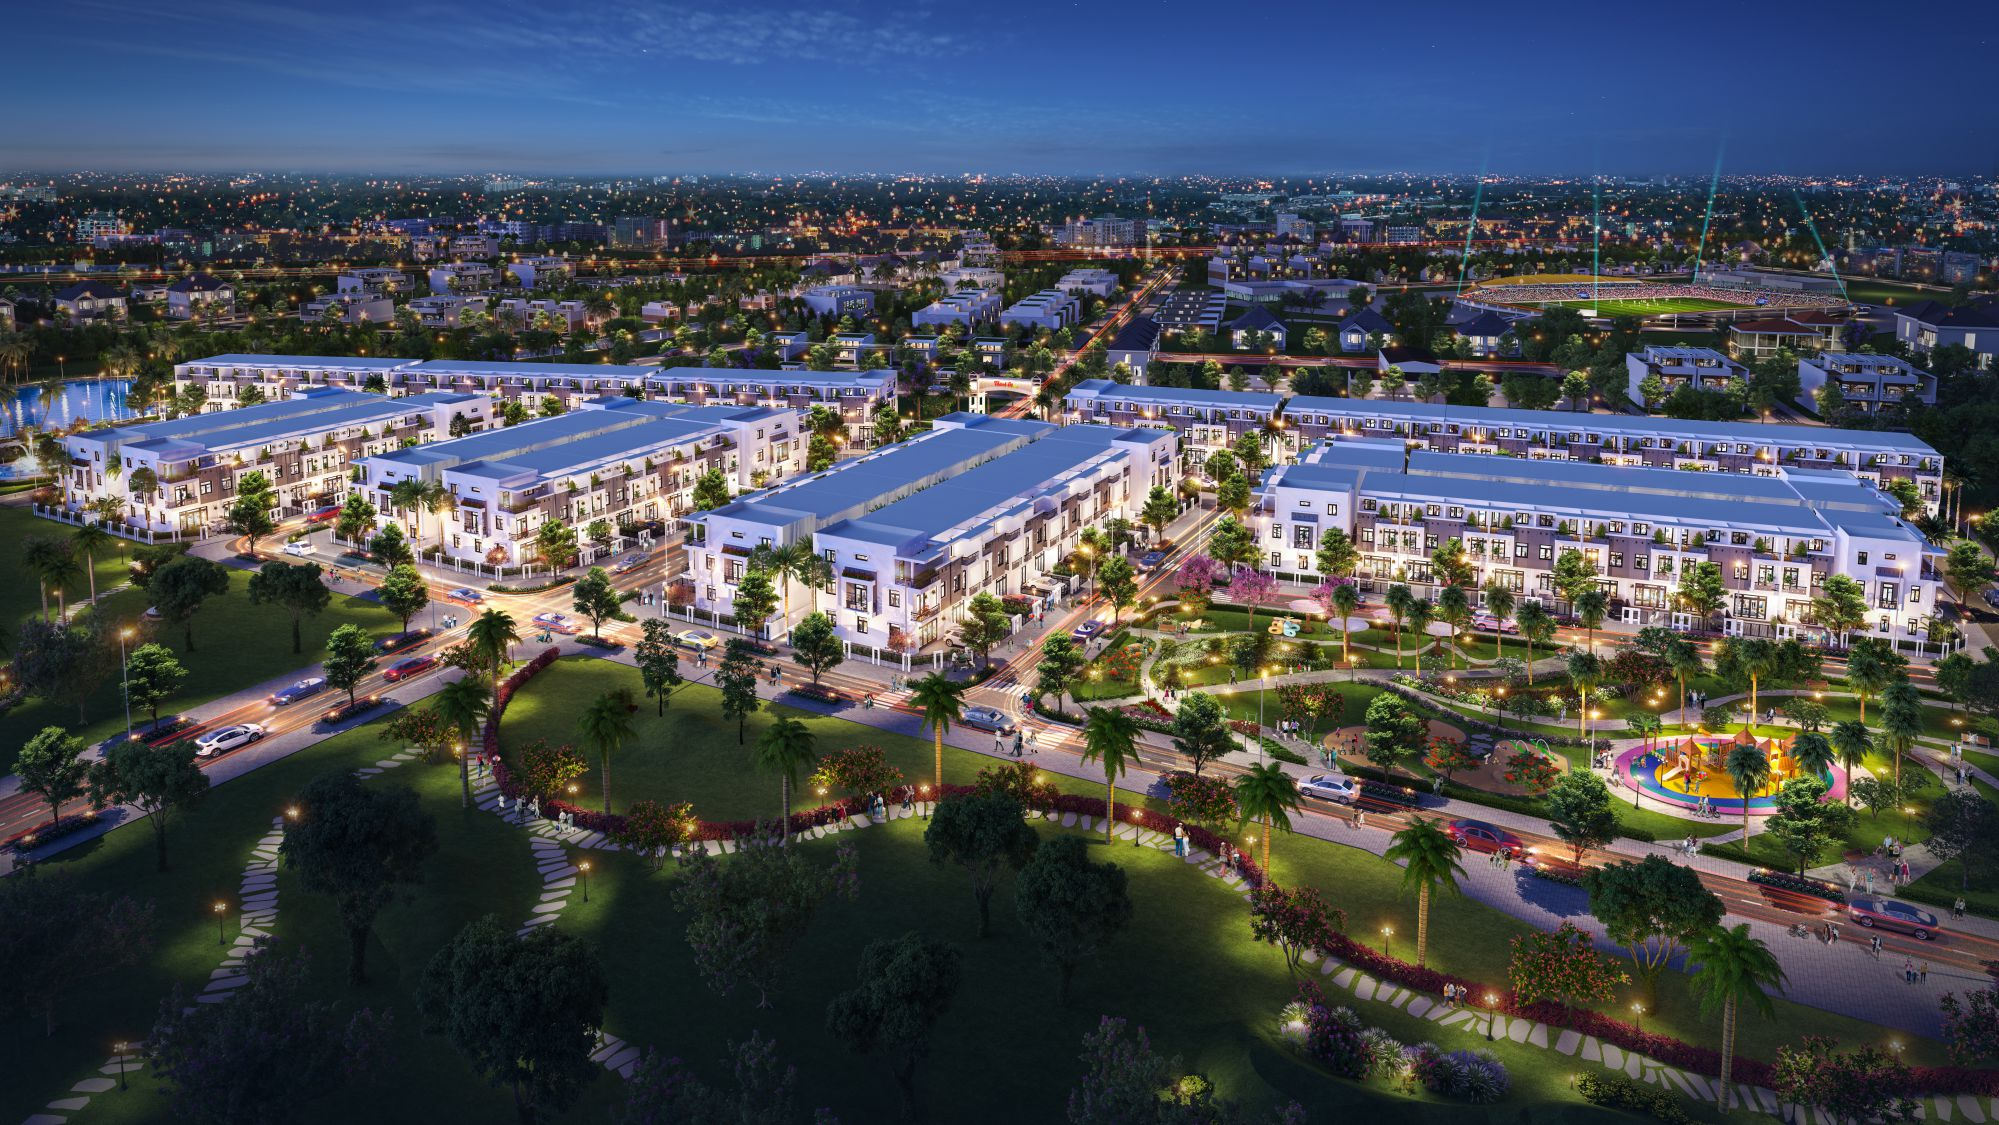 Phối cảnh khu đô thị thông minh Thành Đô - khu đô thị mới của quận Ô Môn